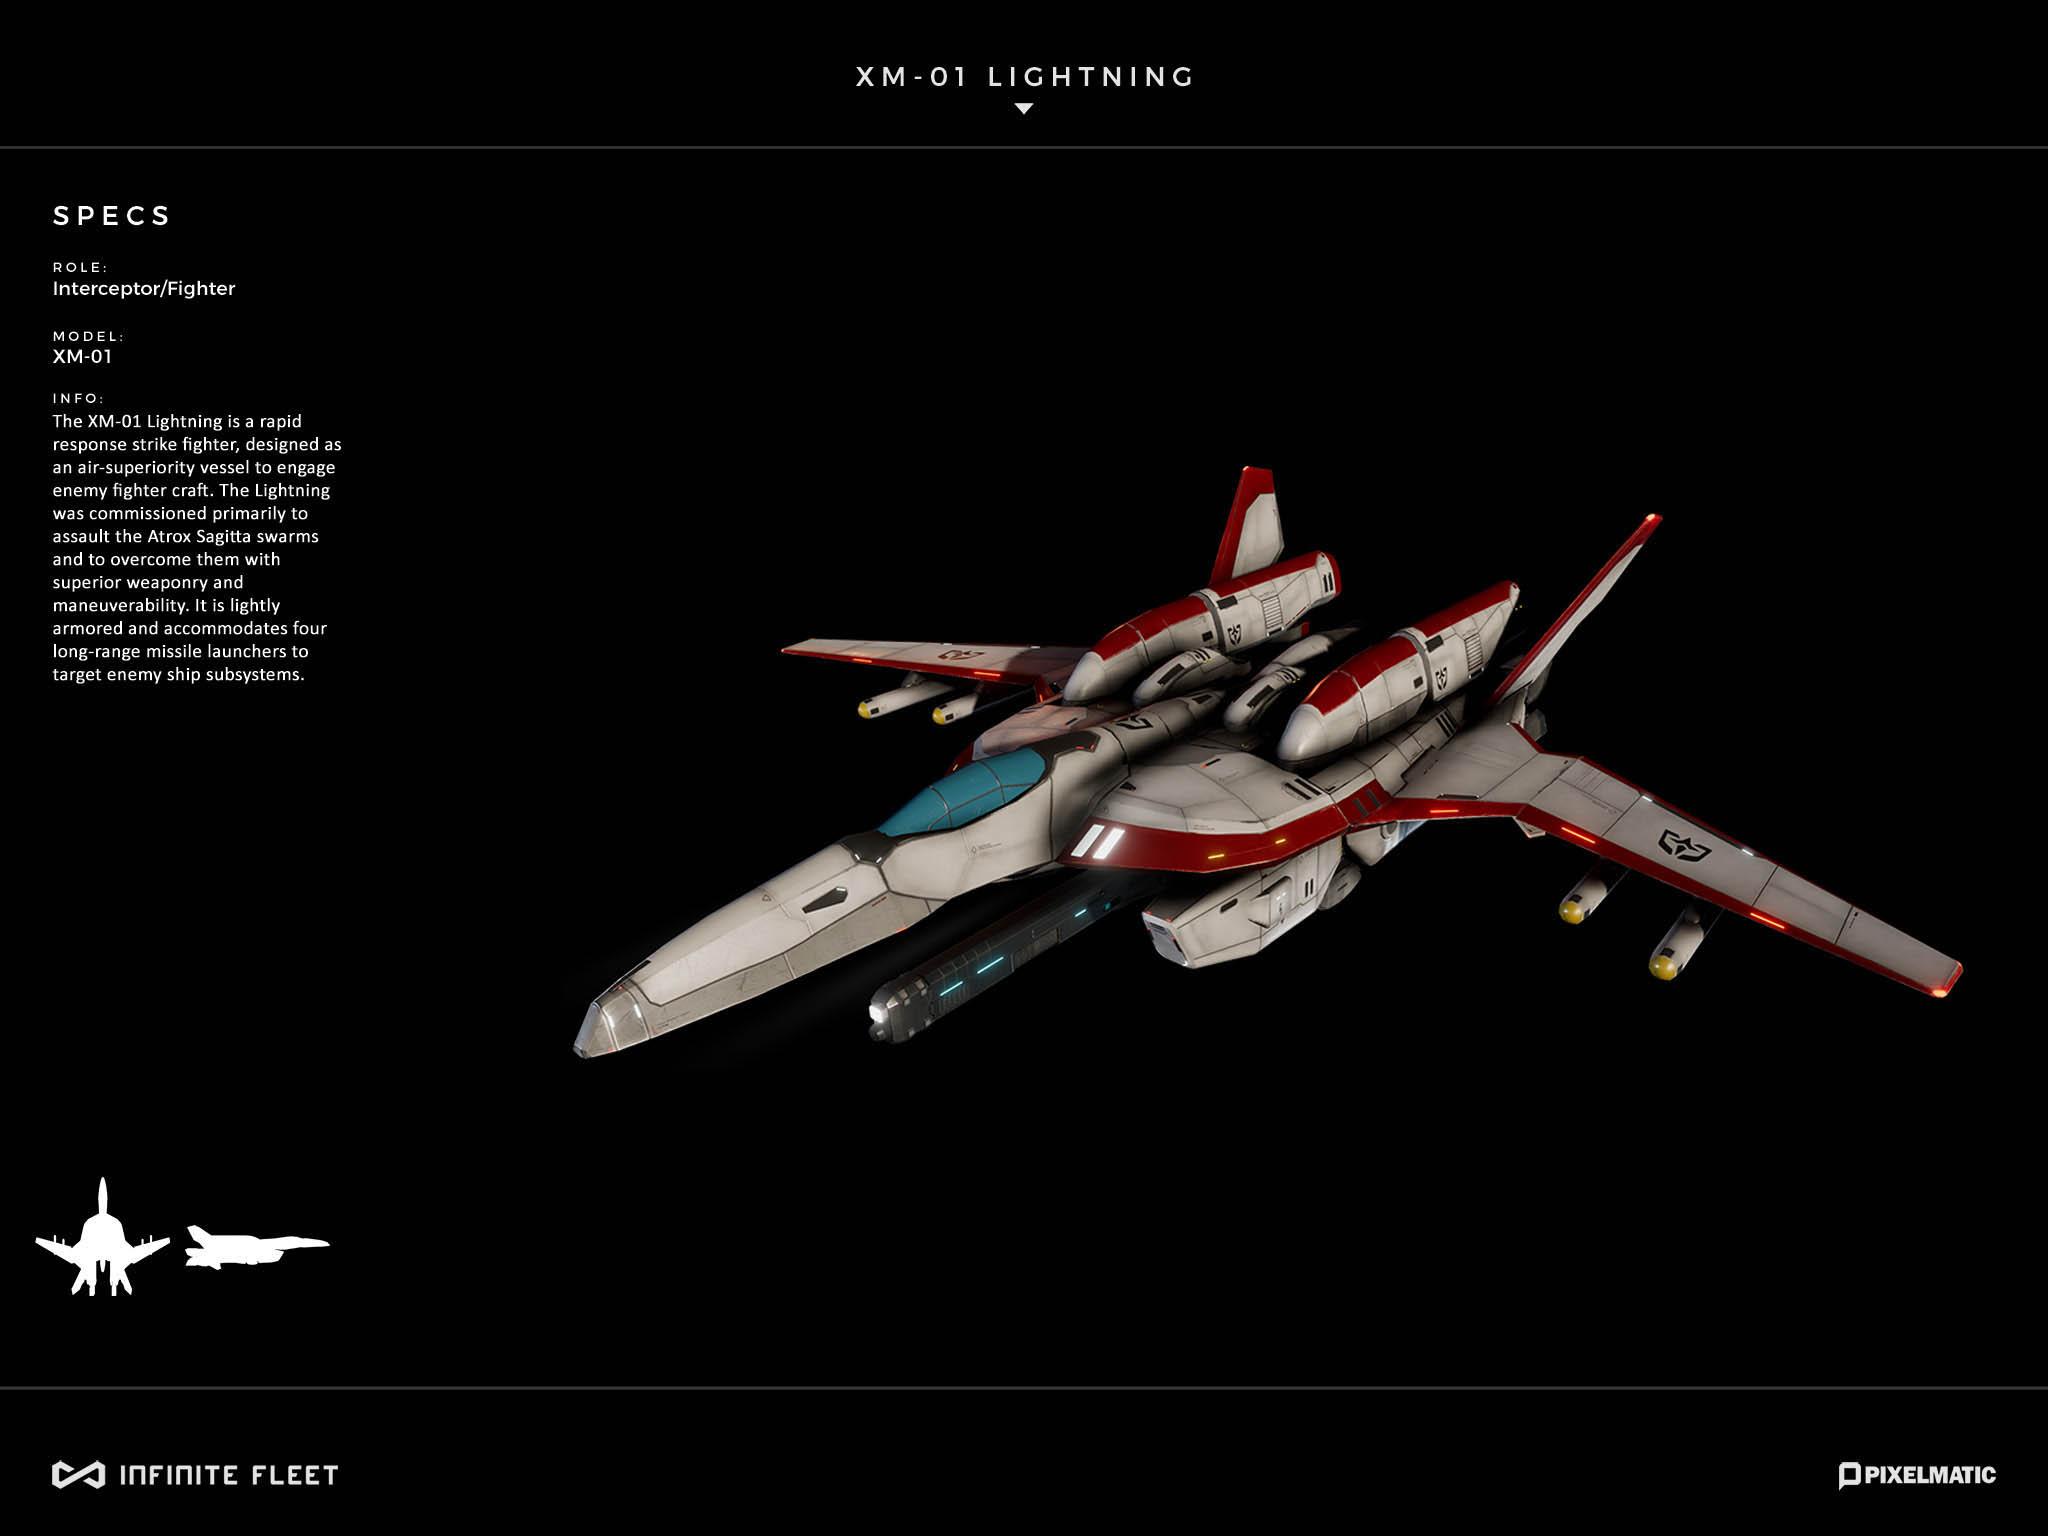 XM01 Lightning